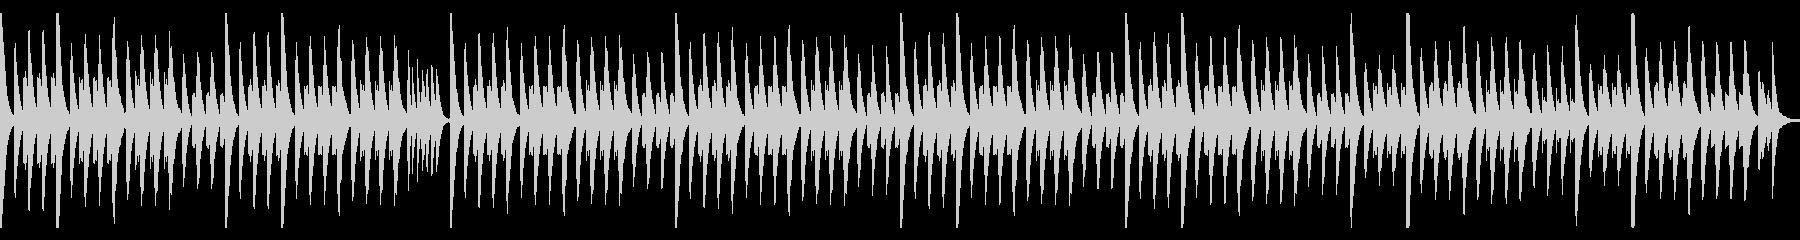 木琴(マリンバ)のシンプルなループ曲の未再生の波形